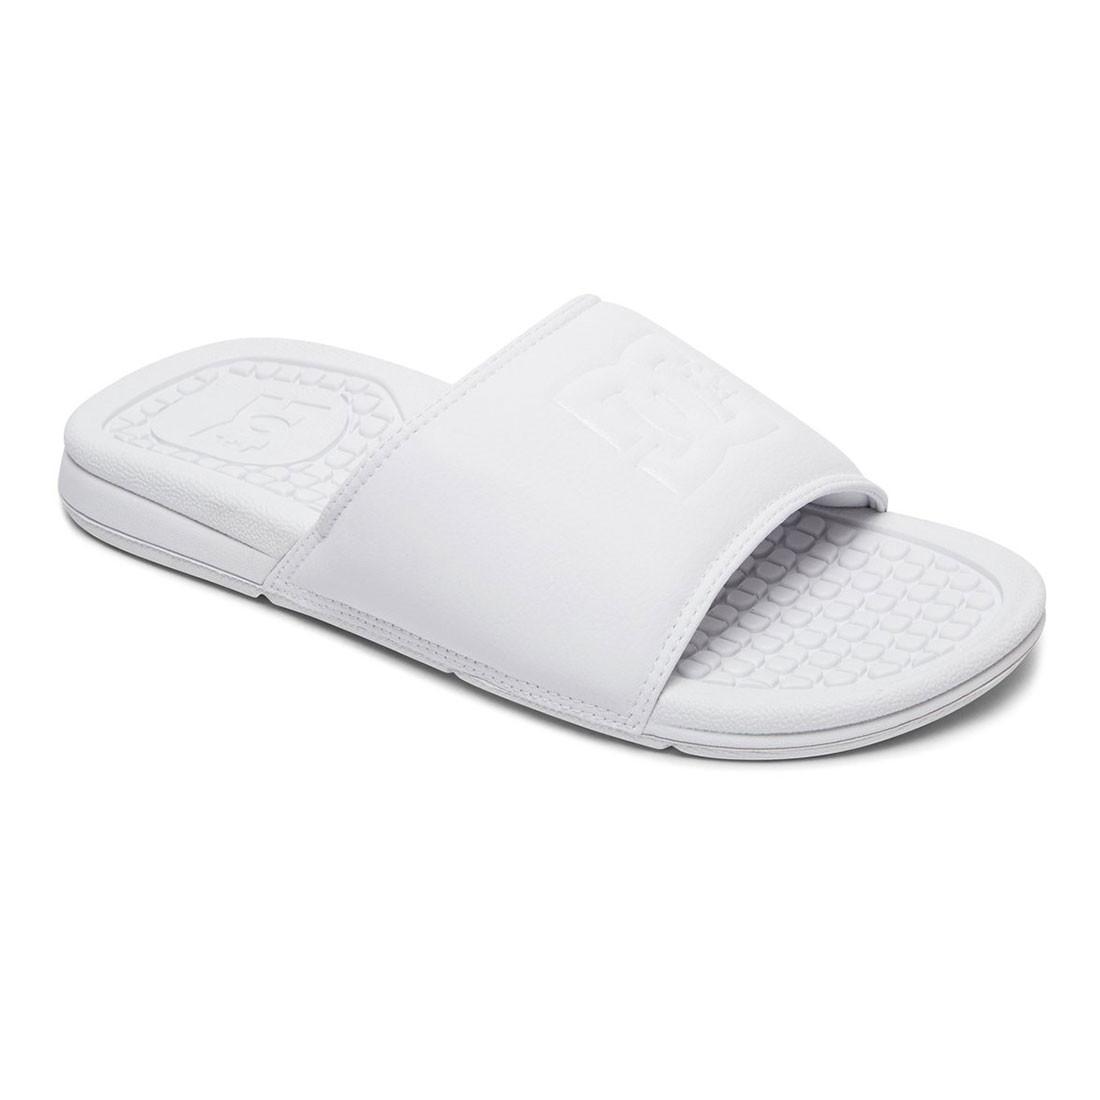 5291addfd7f3be Flip-Flops DC Bolsa Womens Se white white white